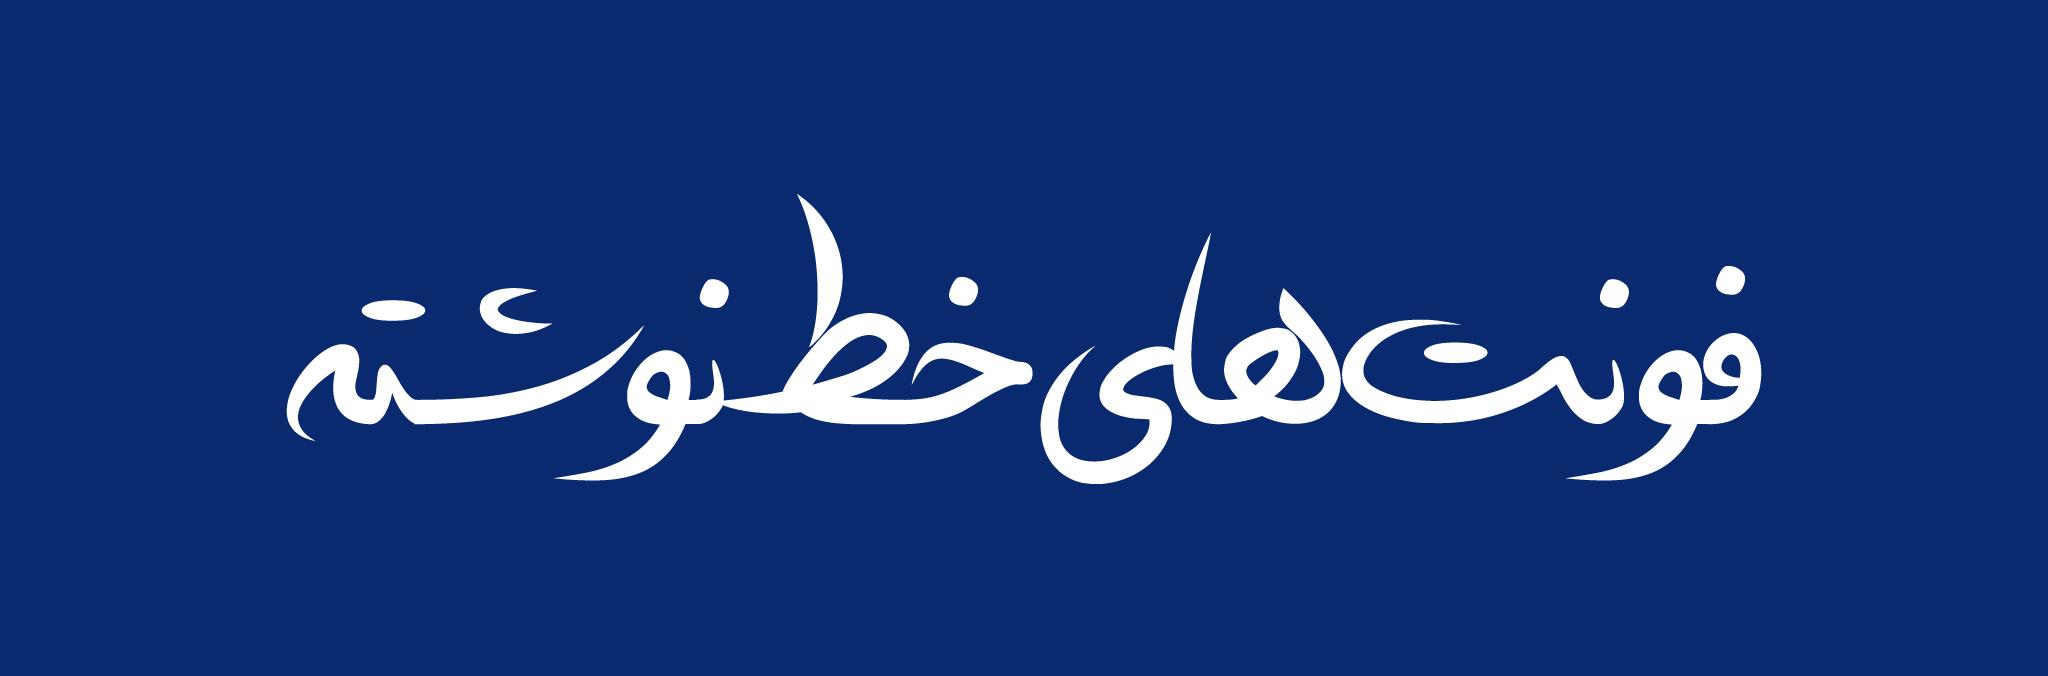 دانلود فونت دستنویس فارسی خودکار